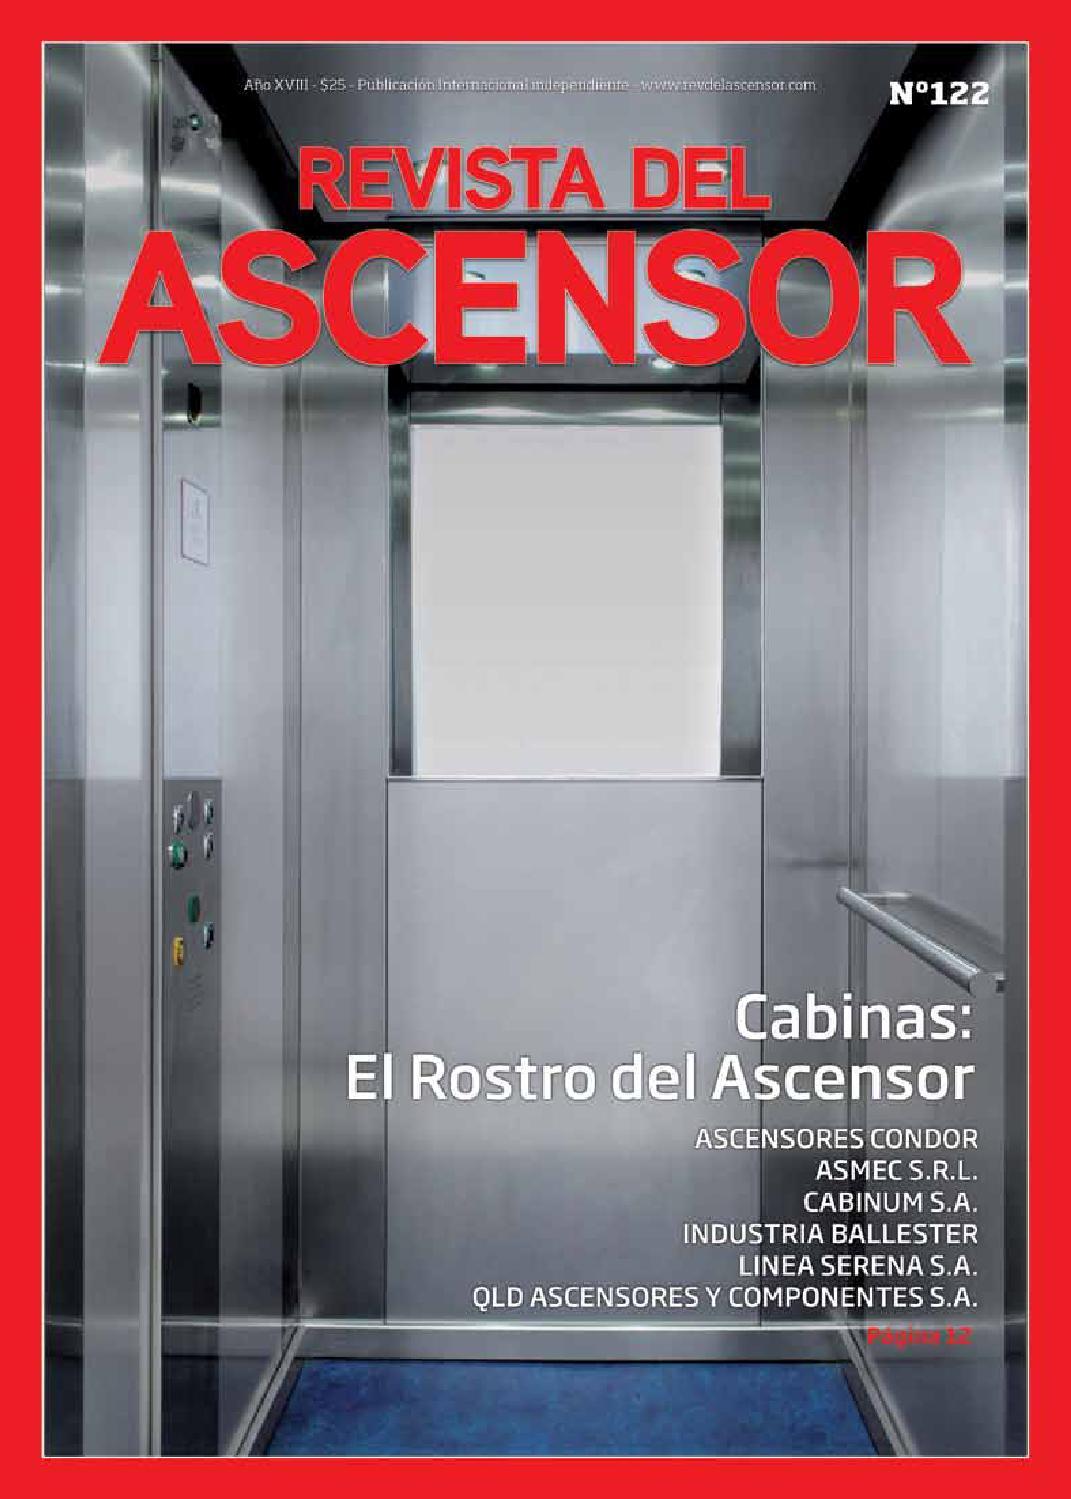 Revista del Ascensor N 122 by dimero dimero - issuu